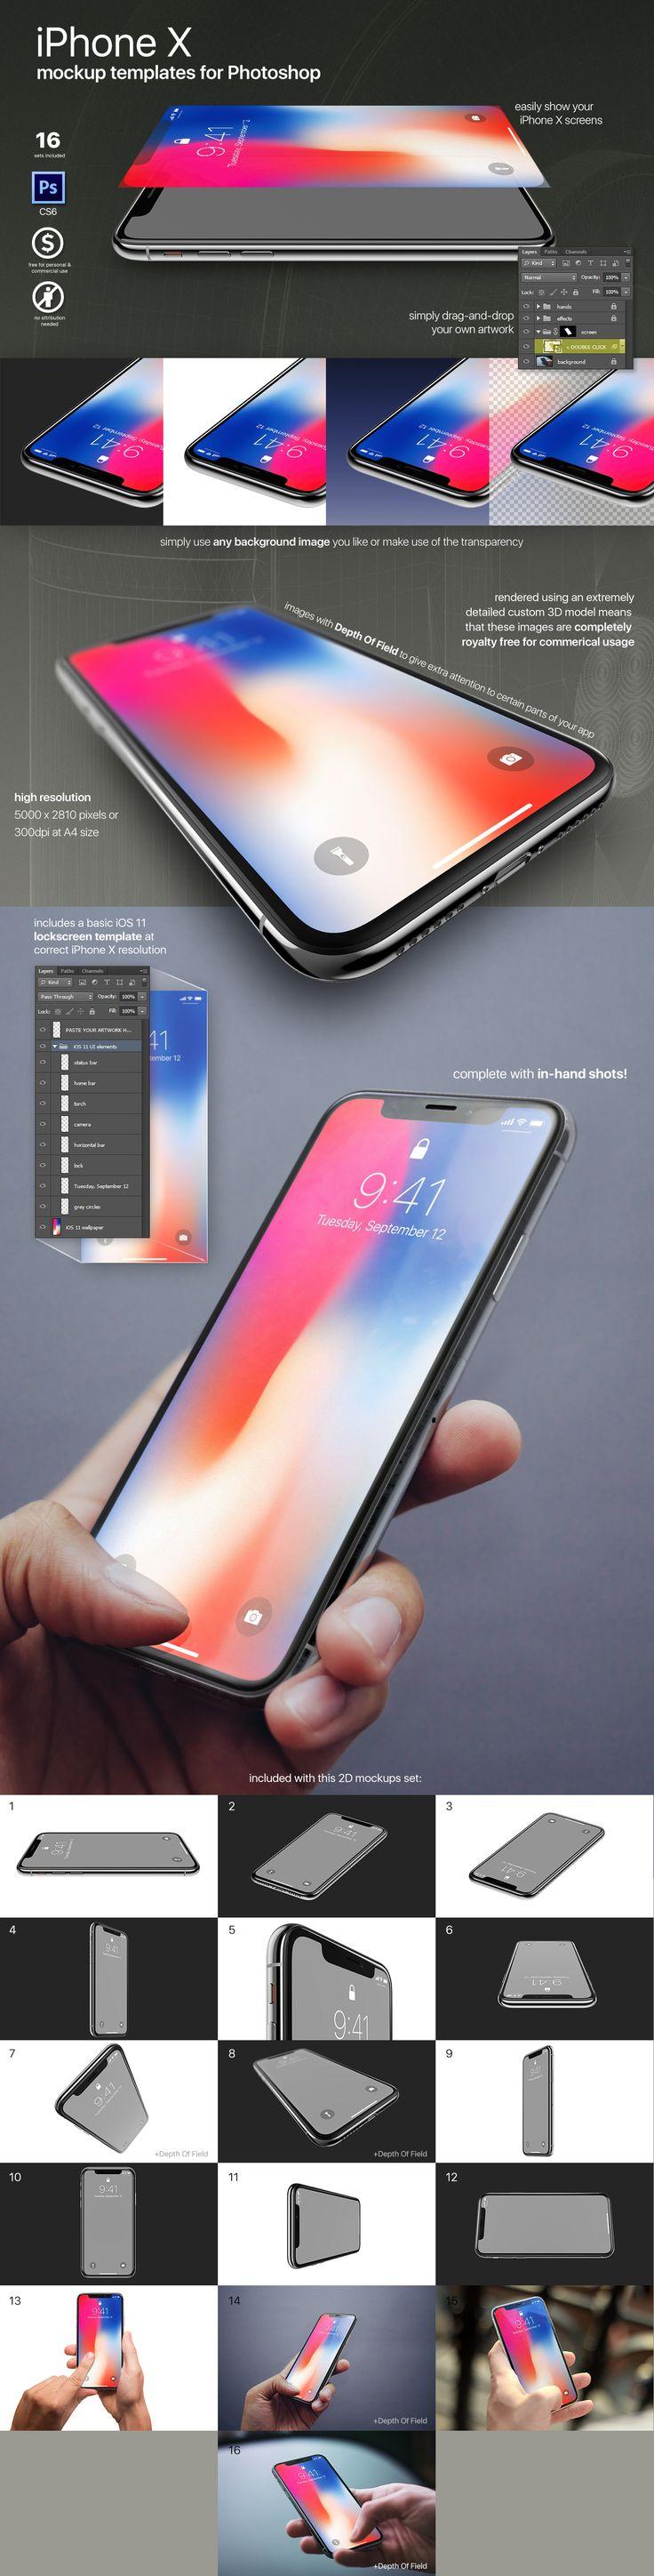 iPhone X photoshop mockups